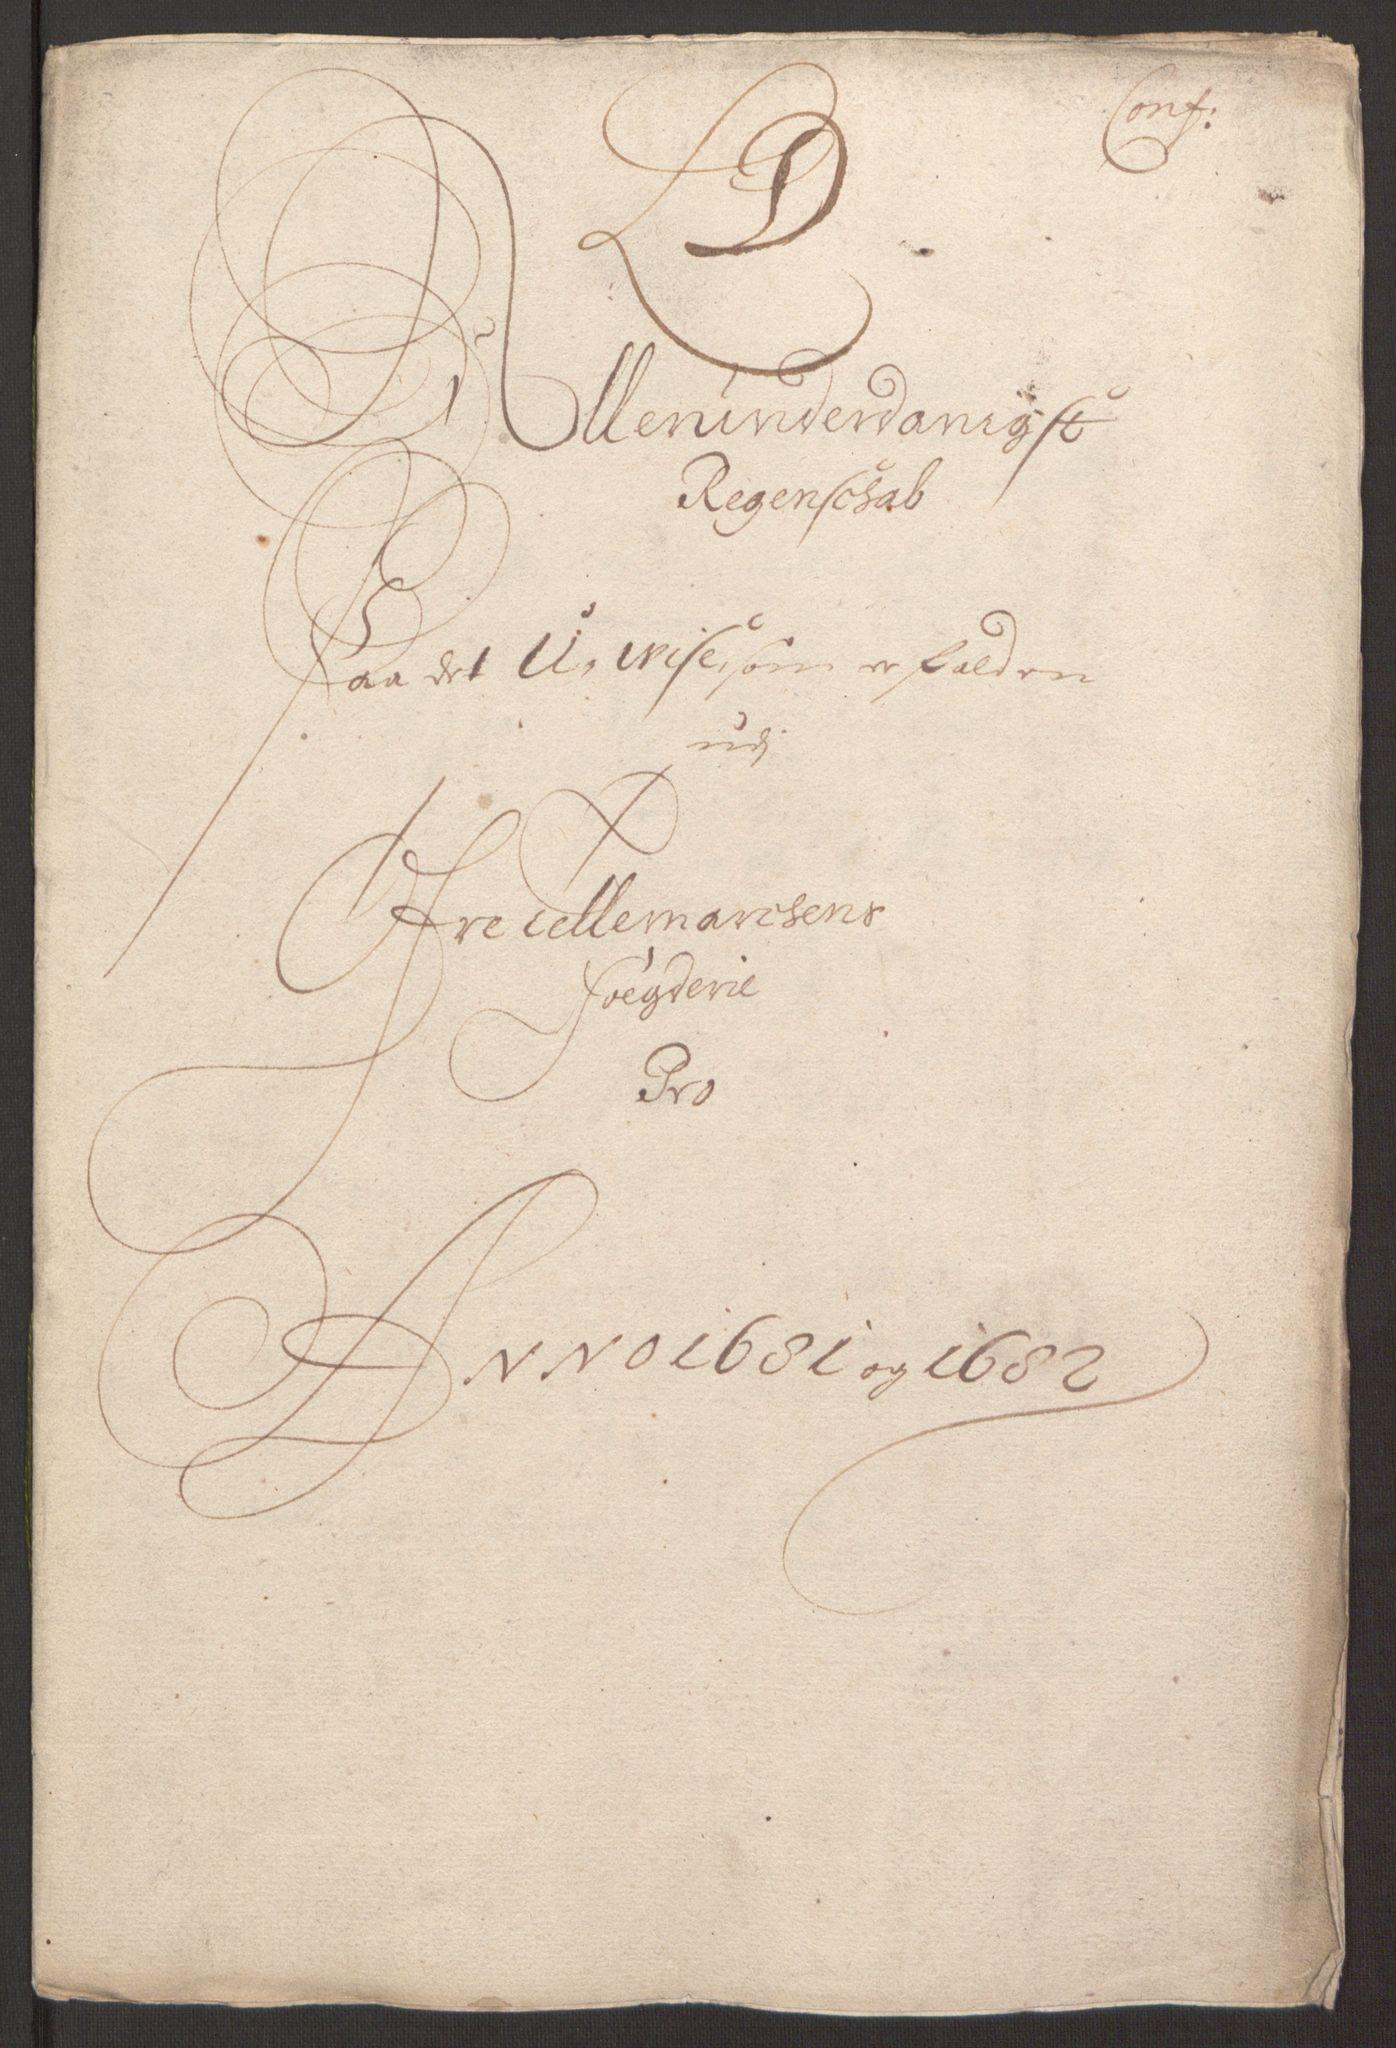 RA, Rentekammeret inntil 1814, Reviderte regnskaper, Fogderegnskap, R35/L2078: Fogderegnskap Øvre og Nedre Telemark, 1680-1684, s. 57